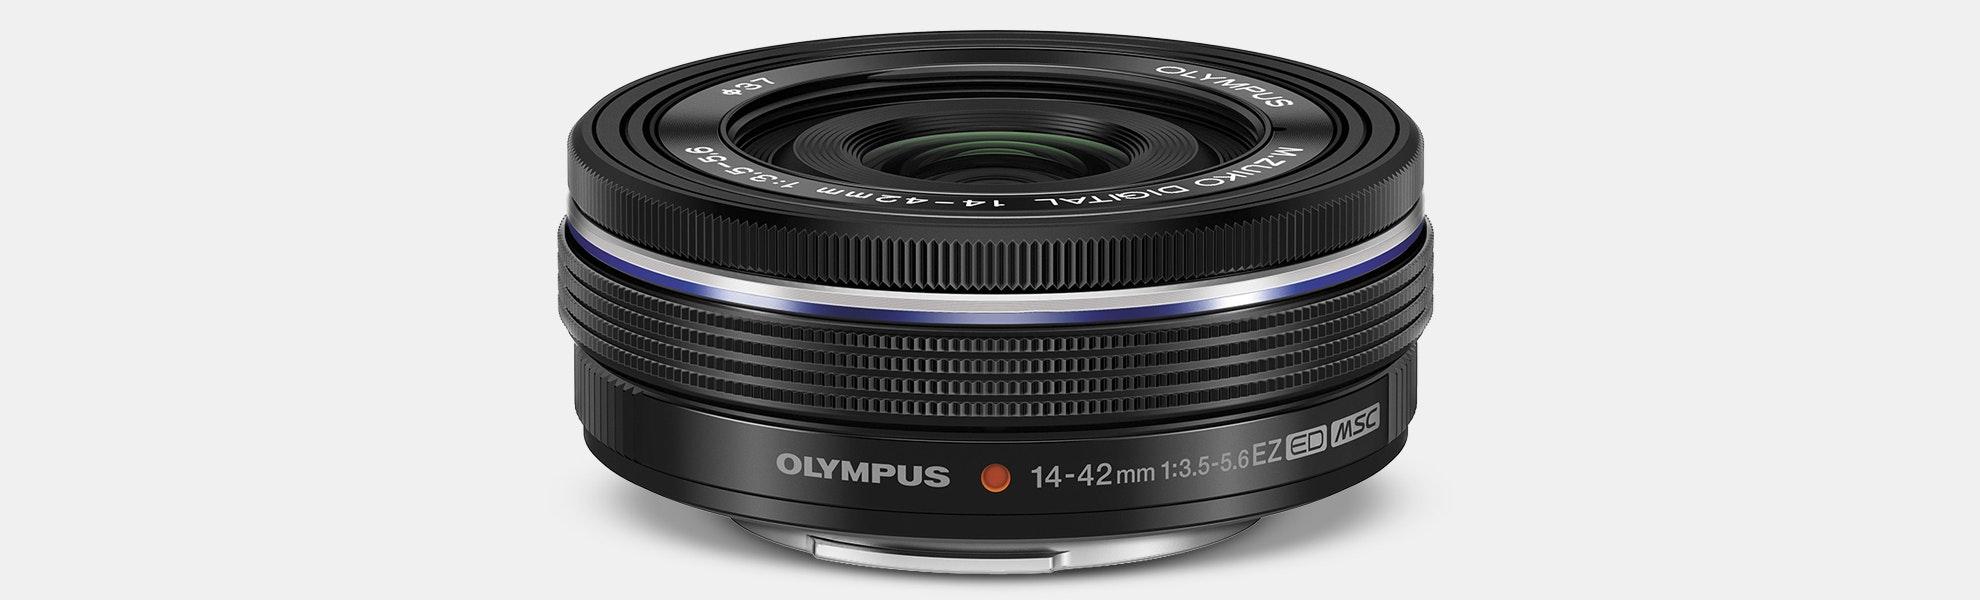 M.Zuiko ED 14-42mm F3.5-5.6 EZ Lens